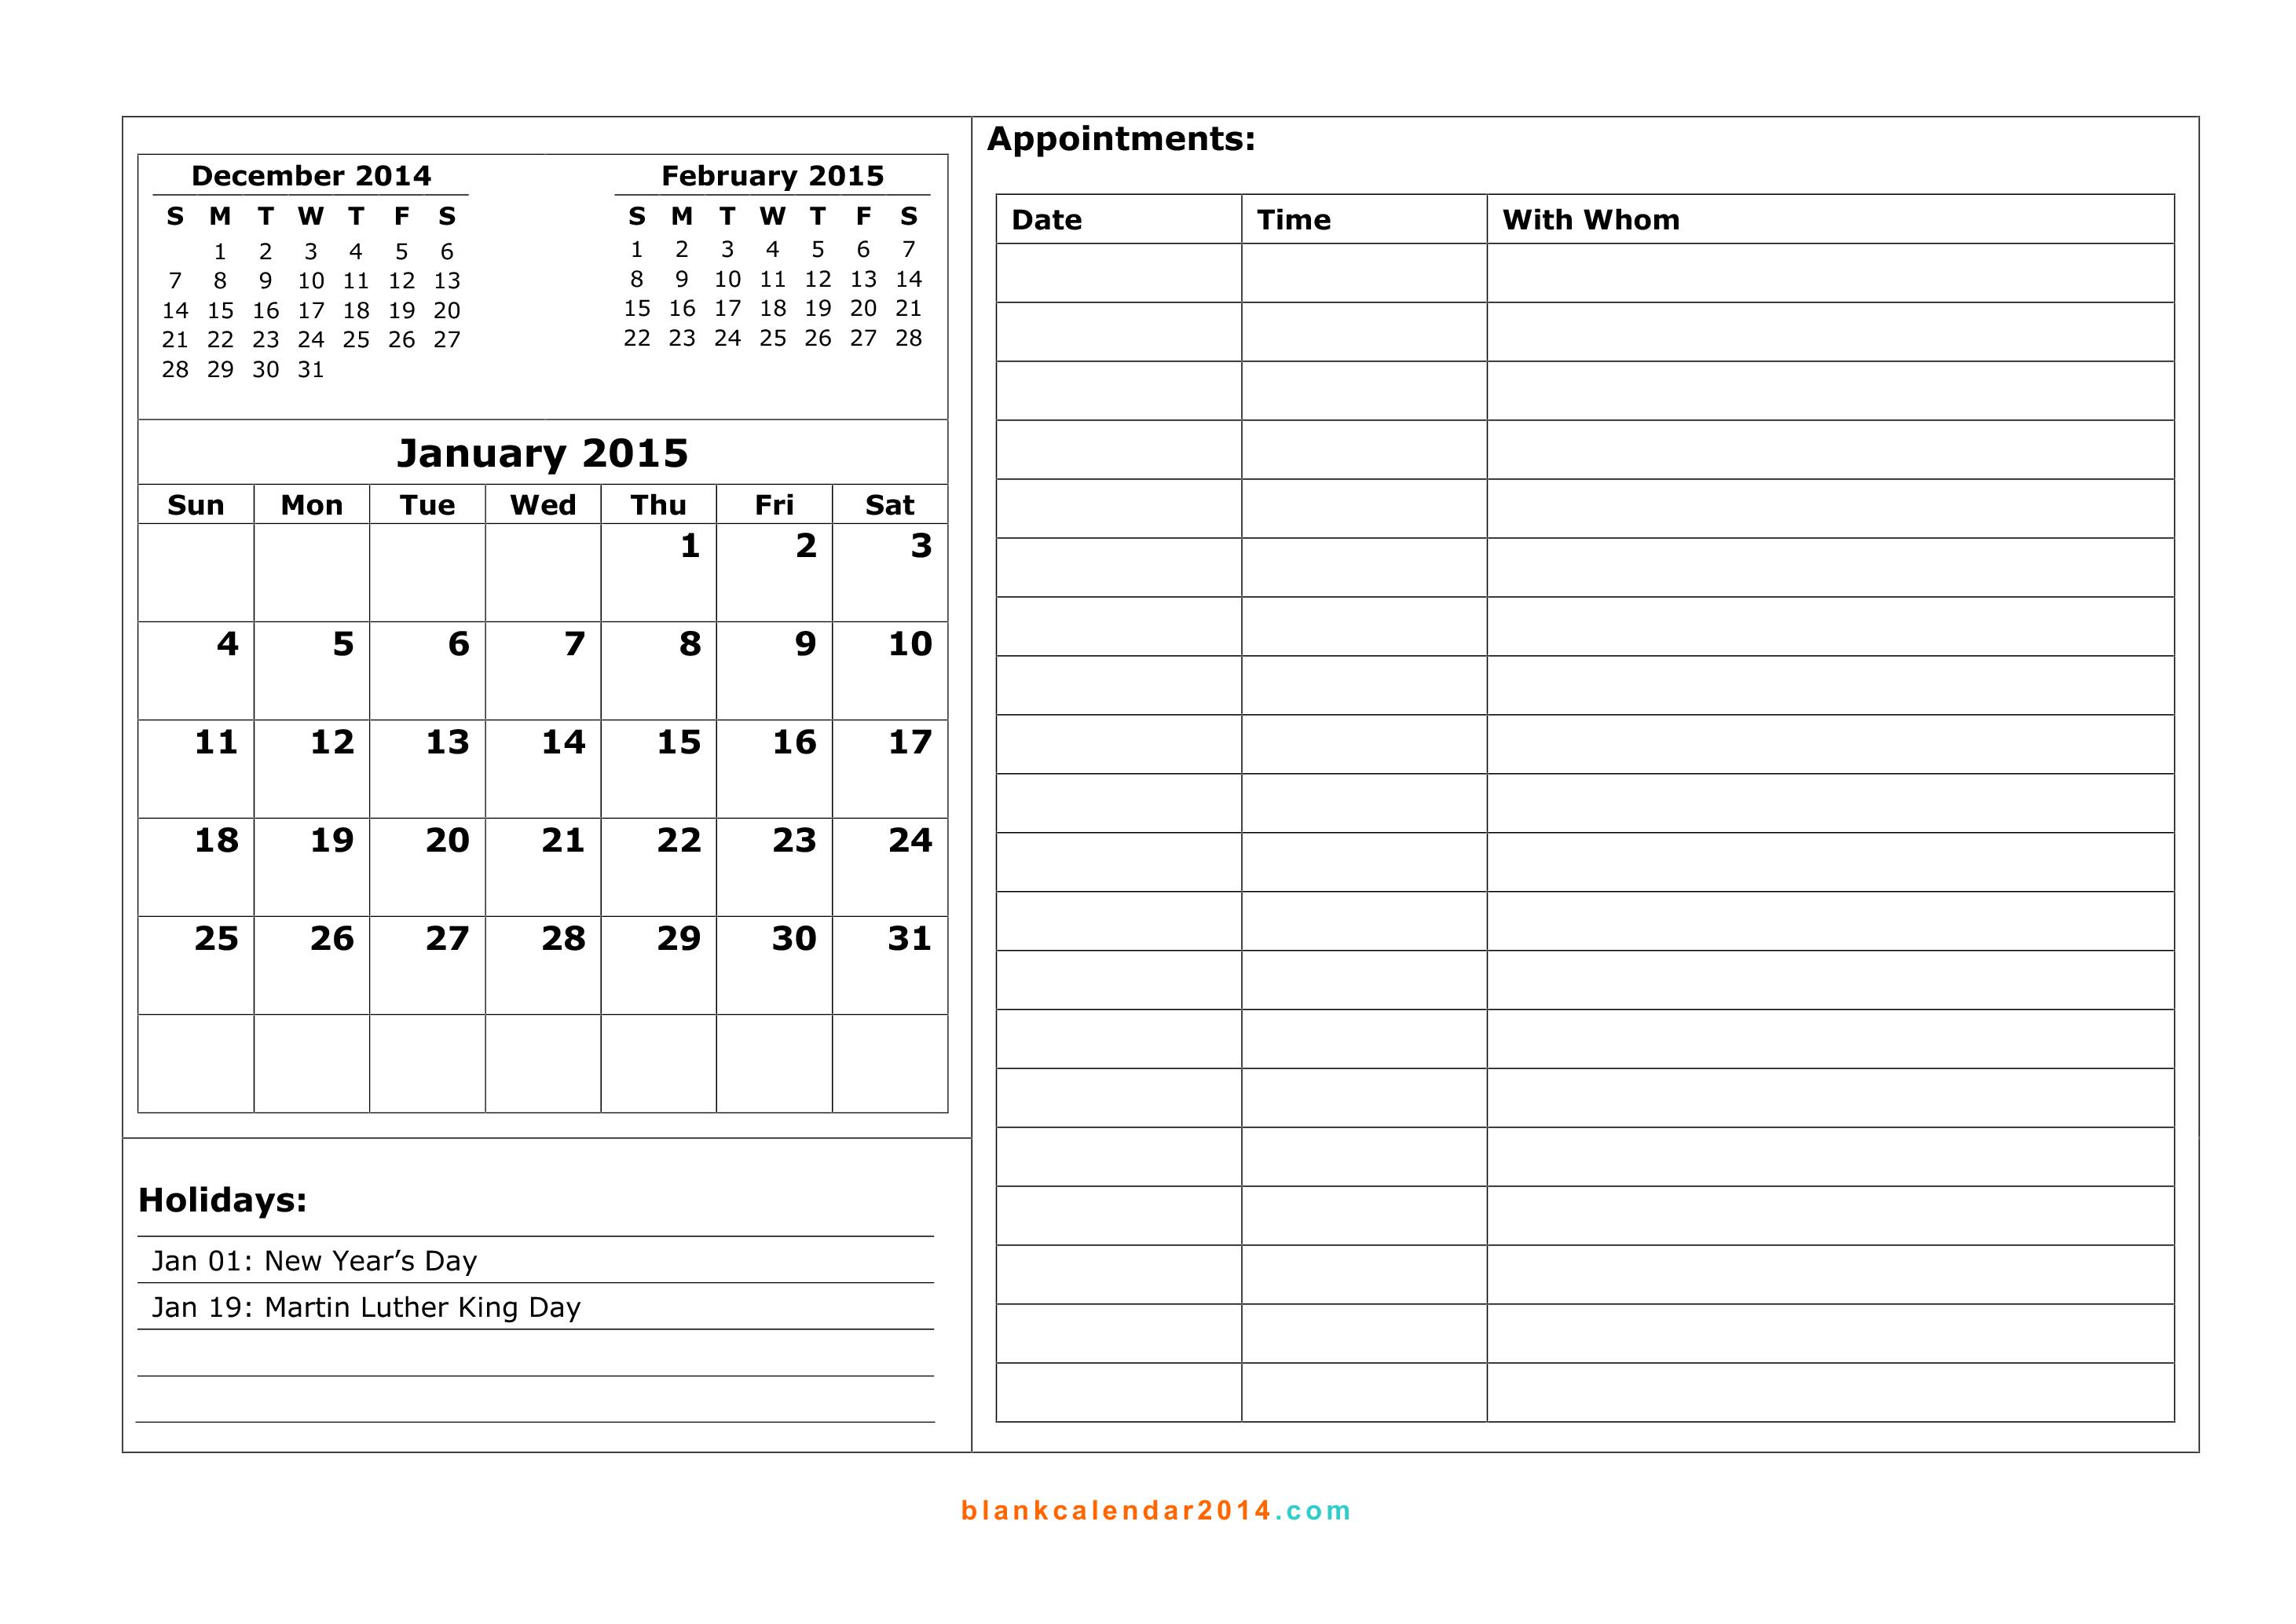 daily appt calendar